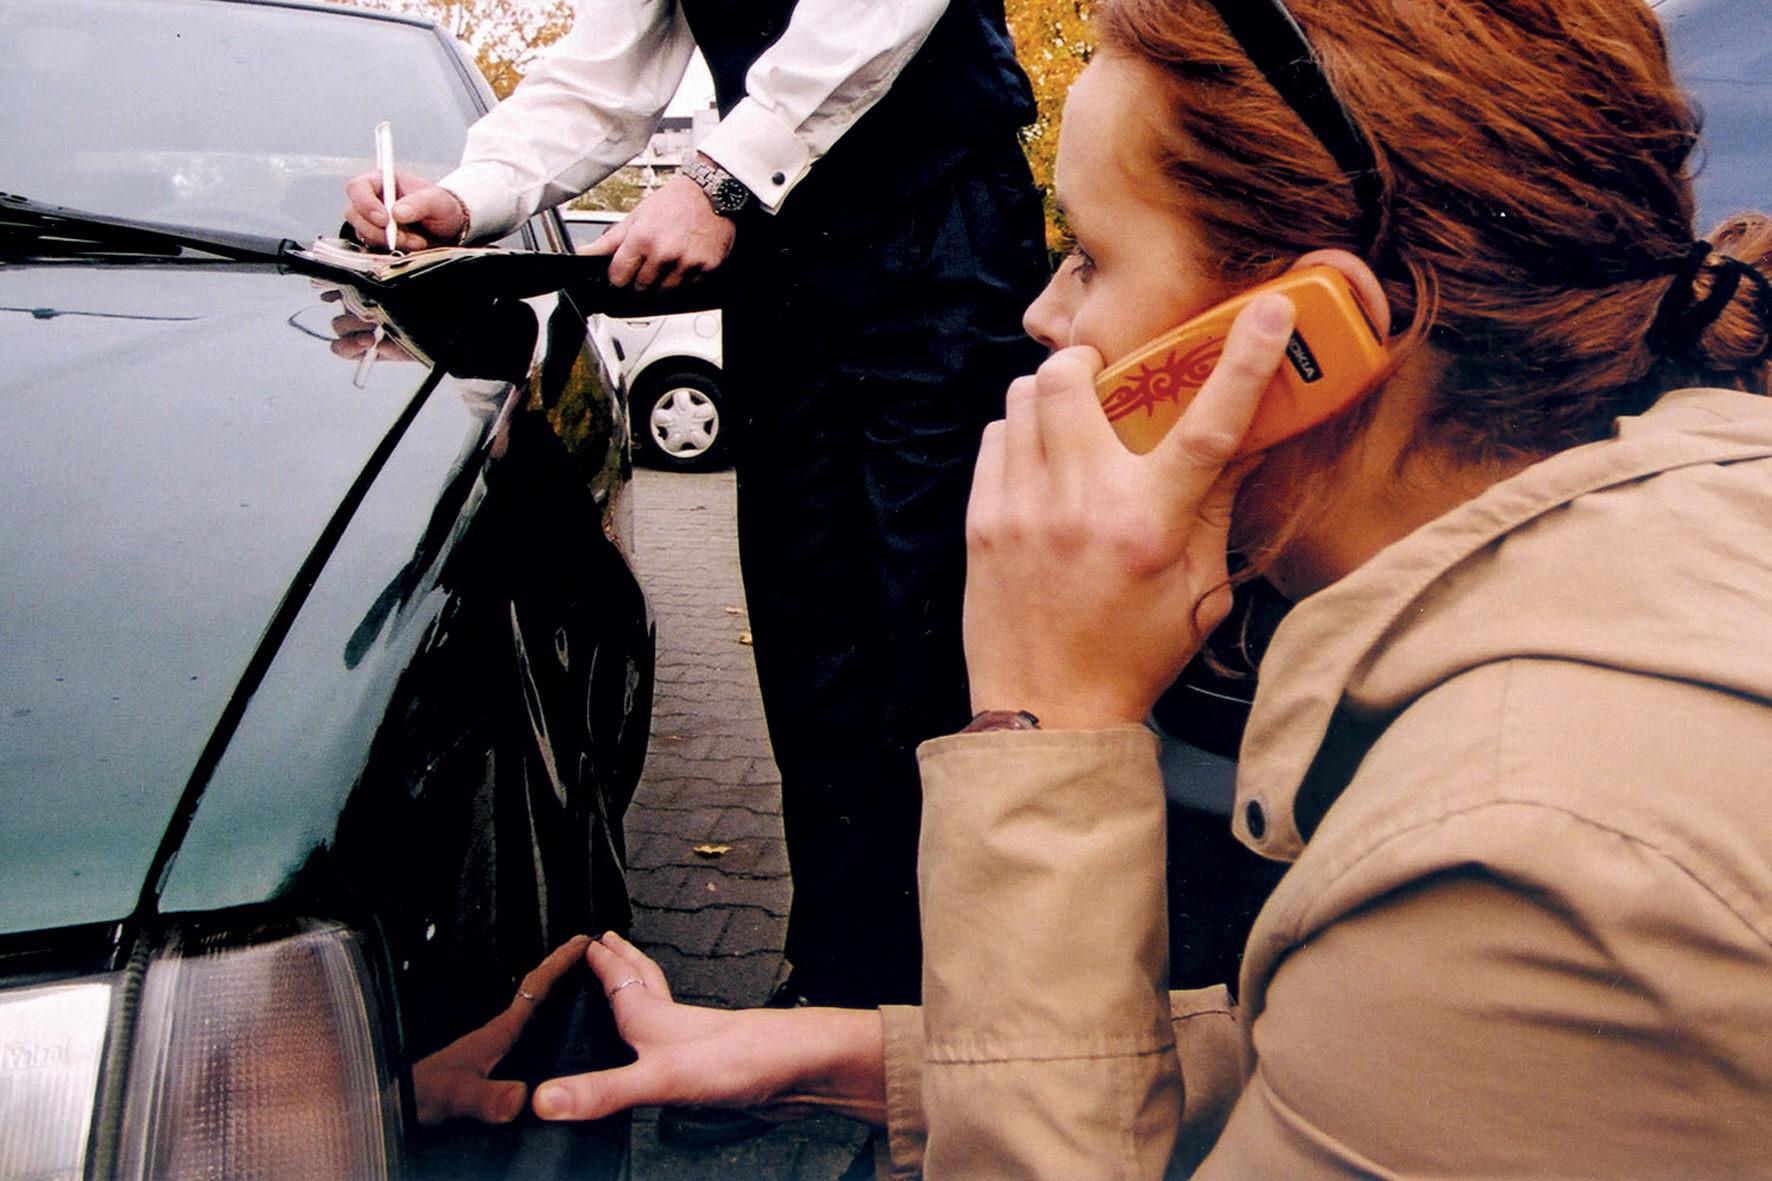 Kfz-Versicherung muss bei Verdacht auf Trickserei nicht zahlen